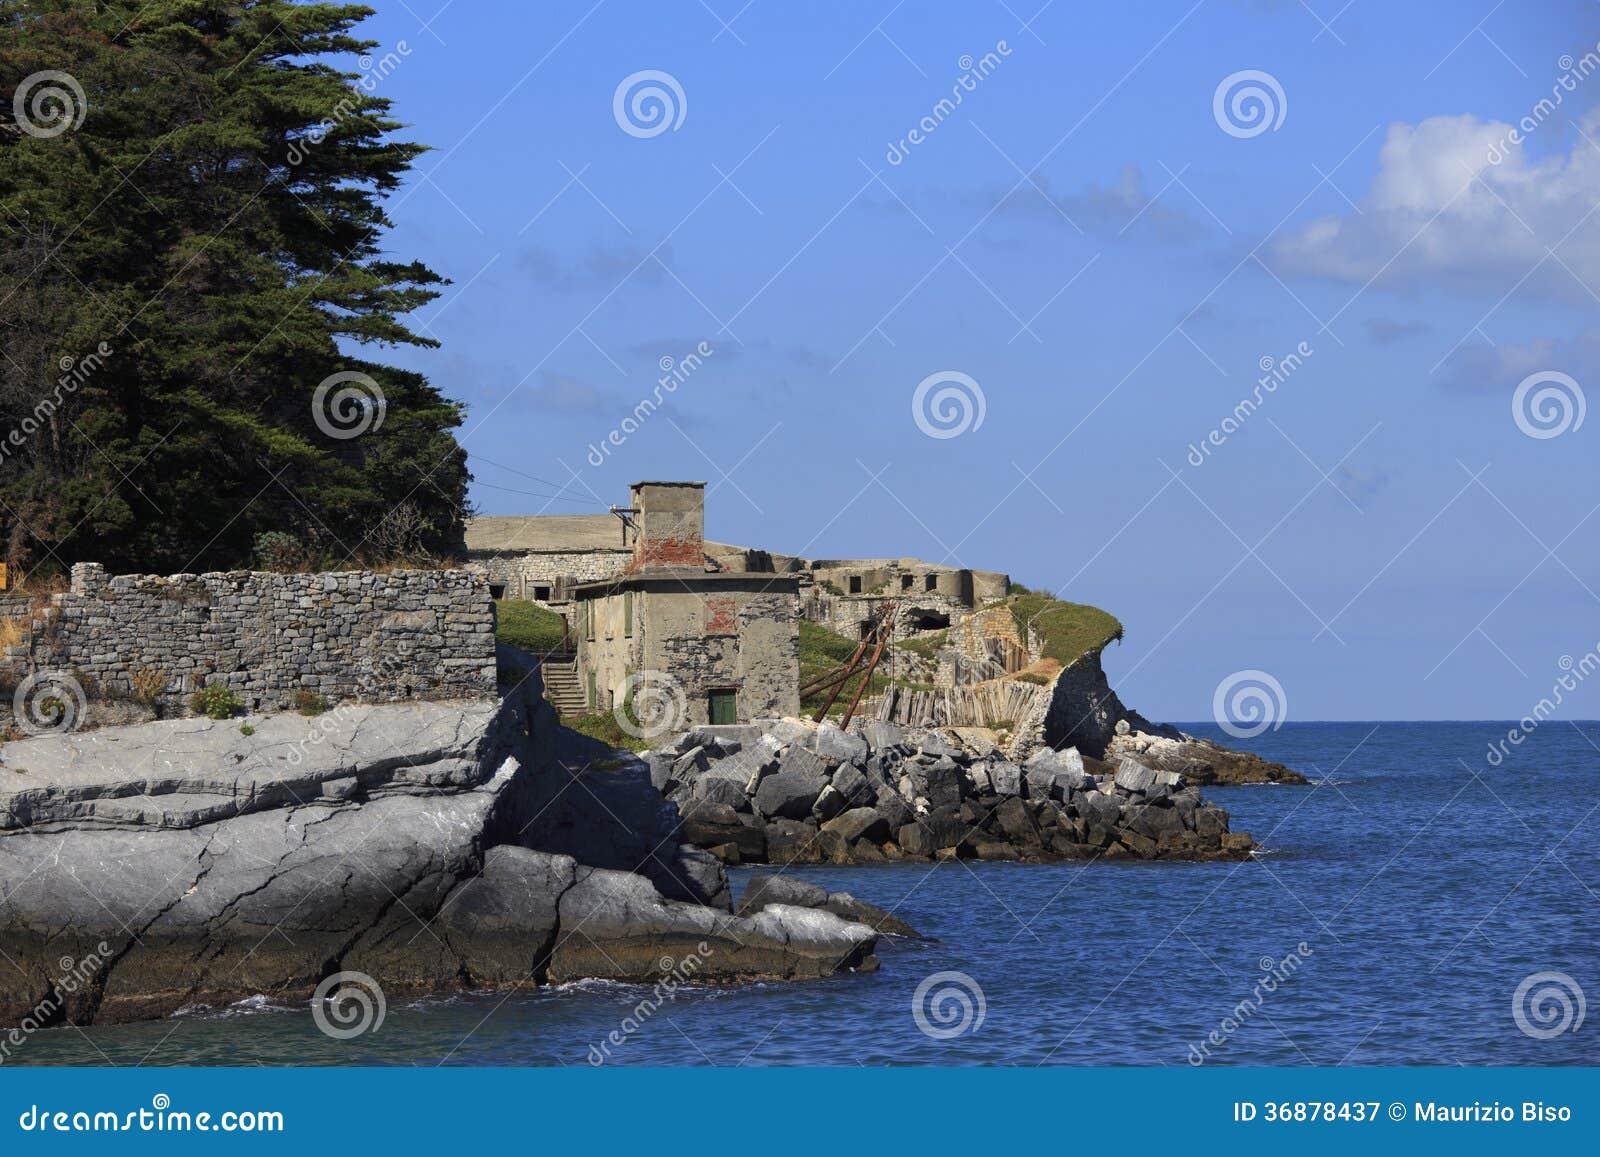 Download Fortificazione Sull'isola Di Tino Immagine Stock - Immagine di signore, peter: 36878437